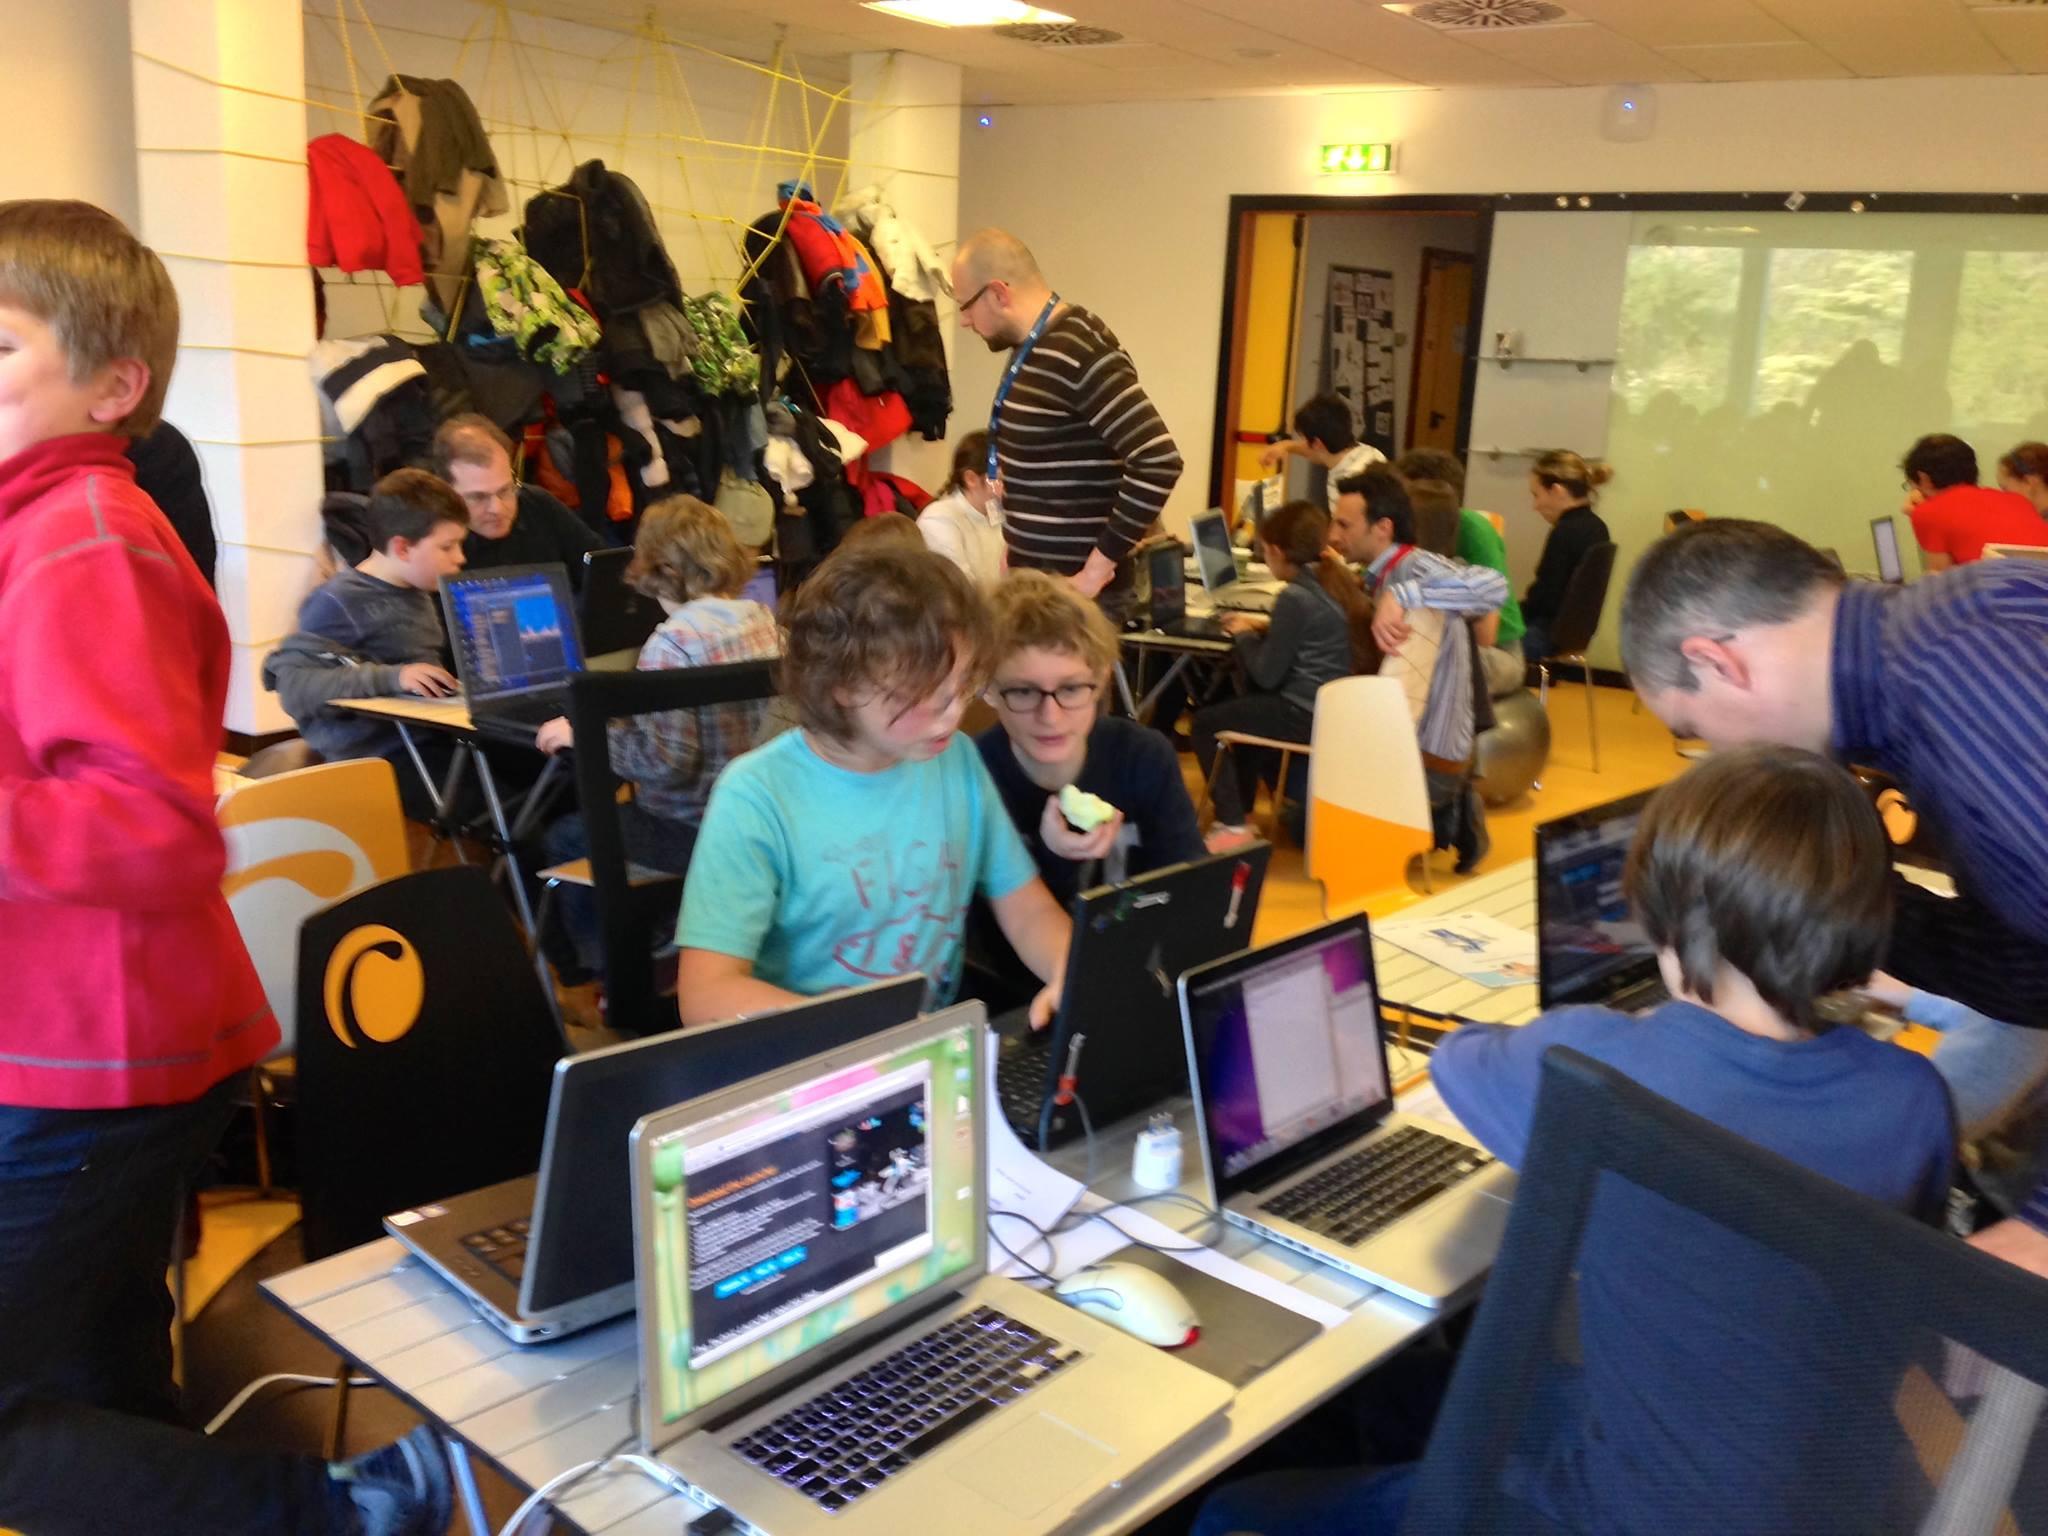 Ecco i nostri ninja in azione al Clab. Happy coding time!